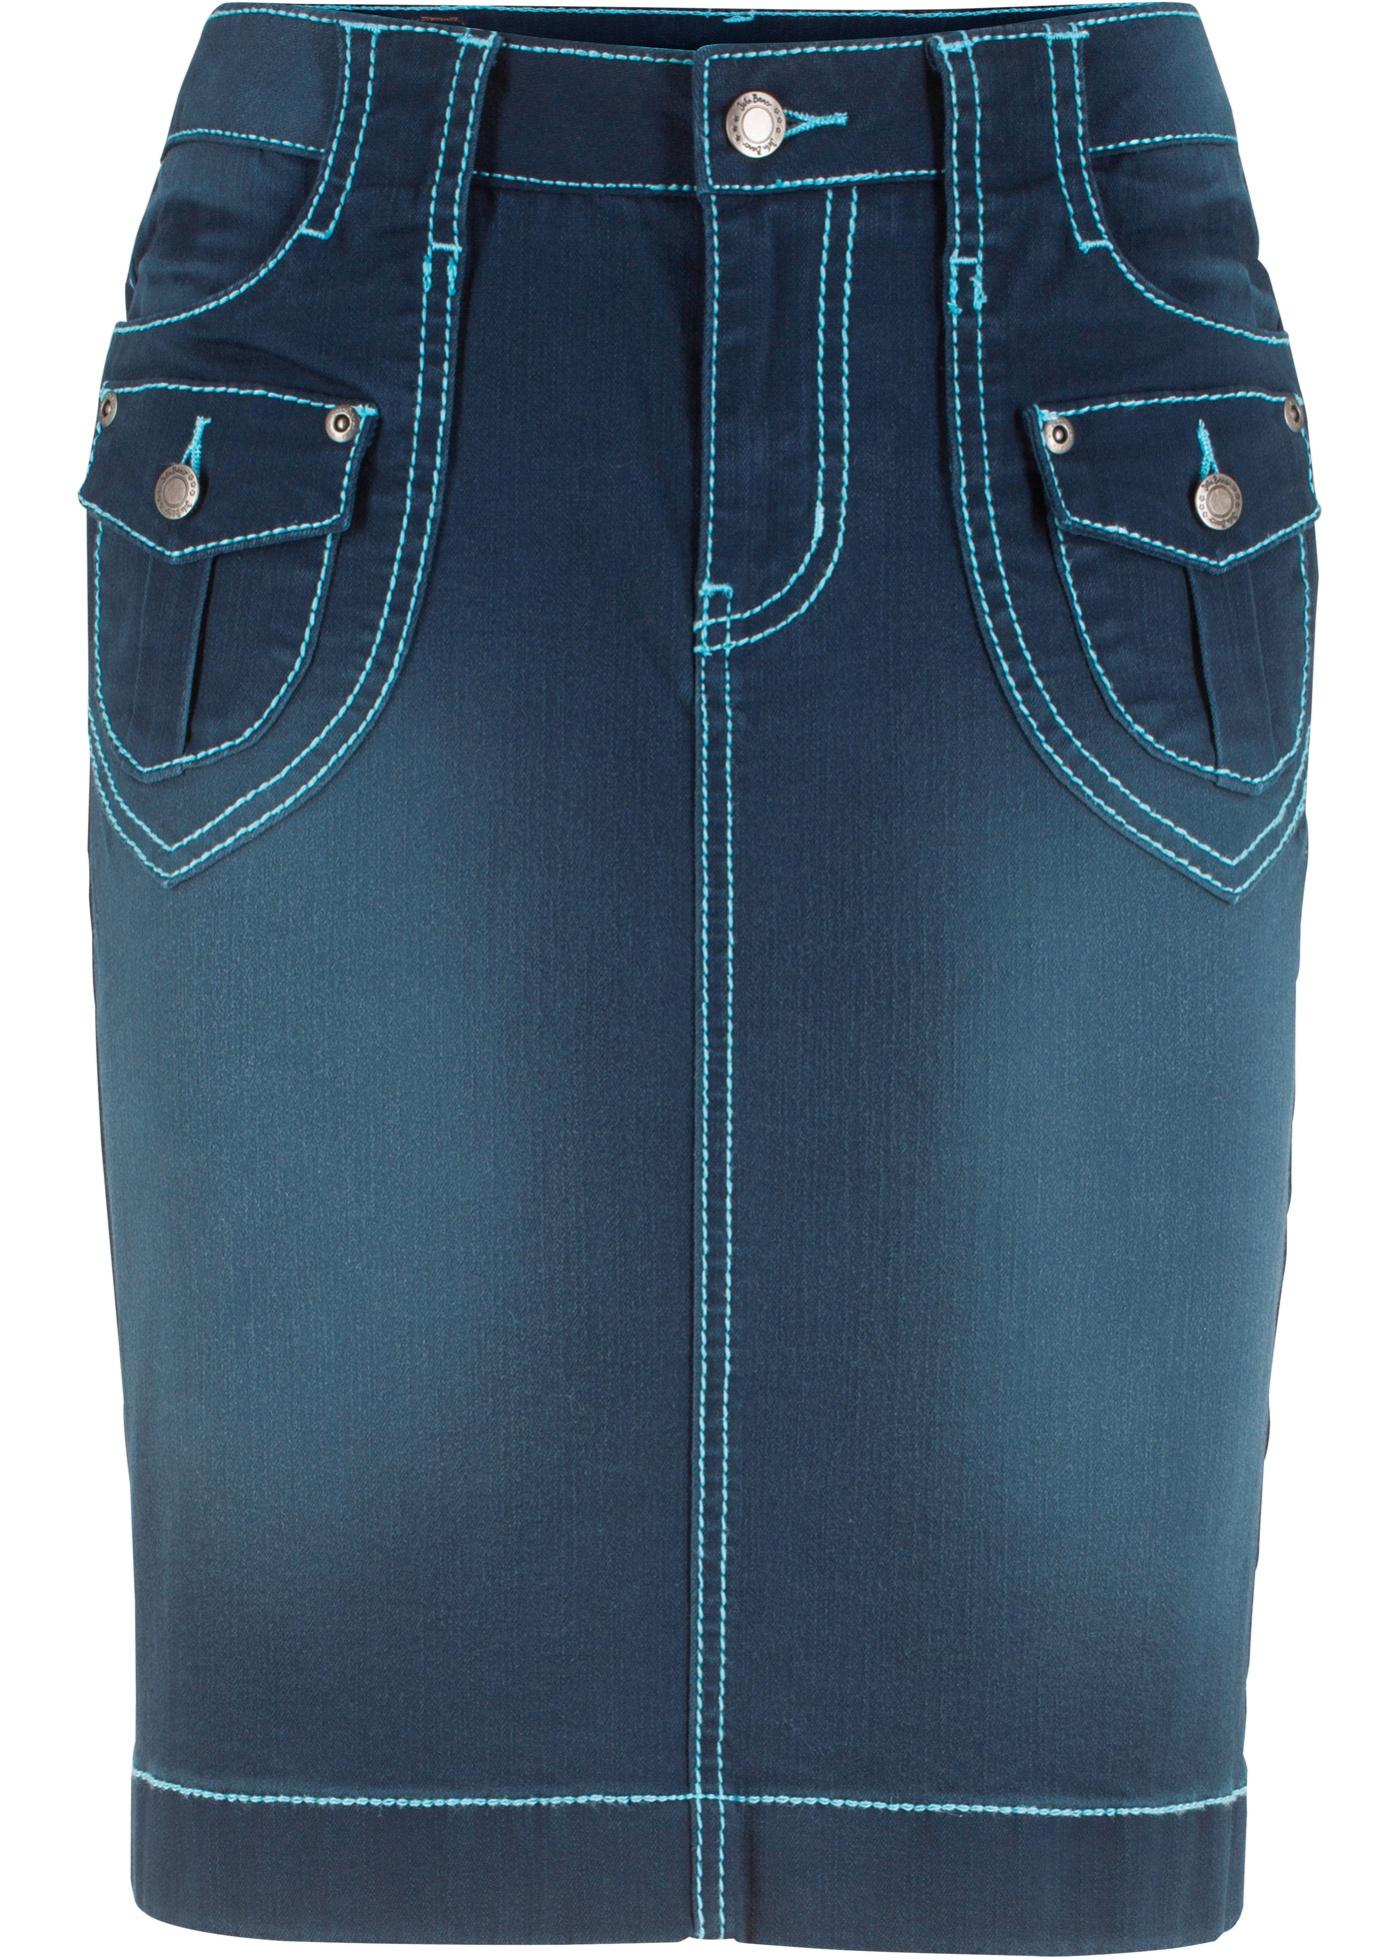 Bleu Jeanswear BonprixJupe Pour John Jean Extensible Authentique Femme Baner En L34q5ARj